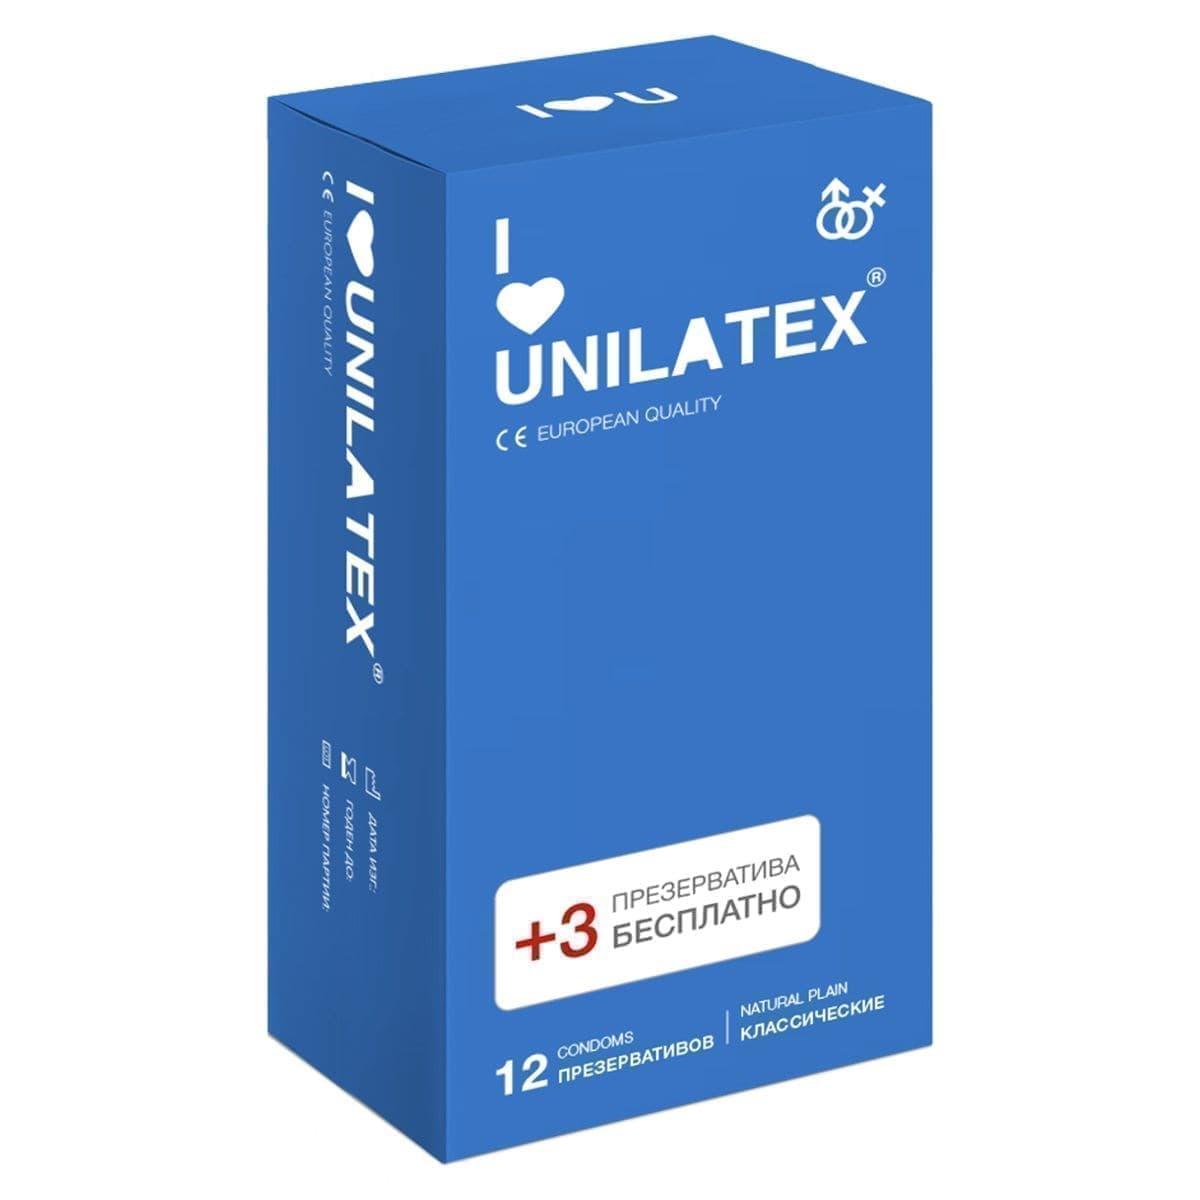 Презервативы Unilatex Natural Plain - фото 11088